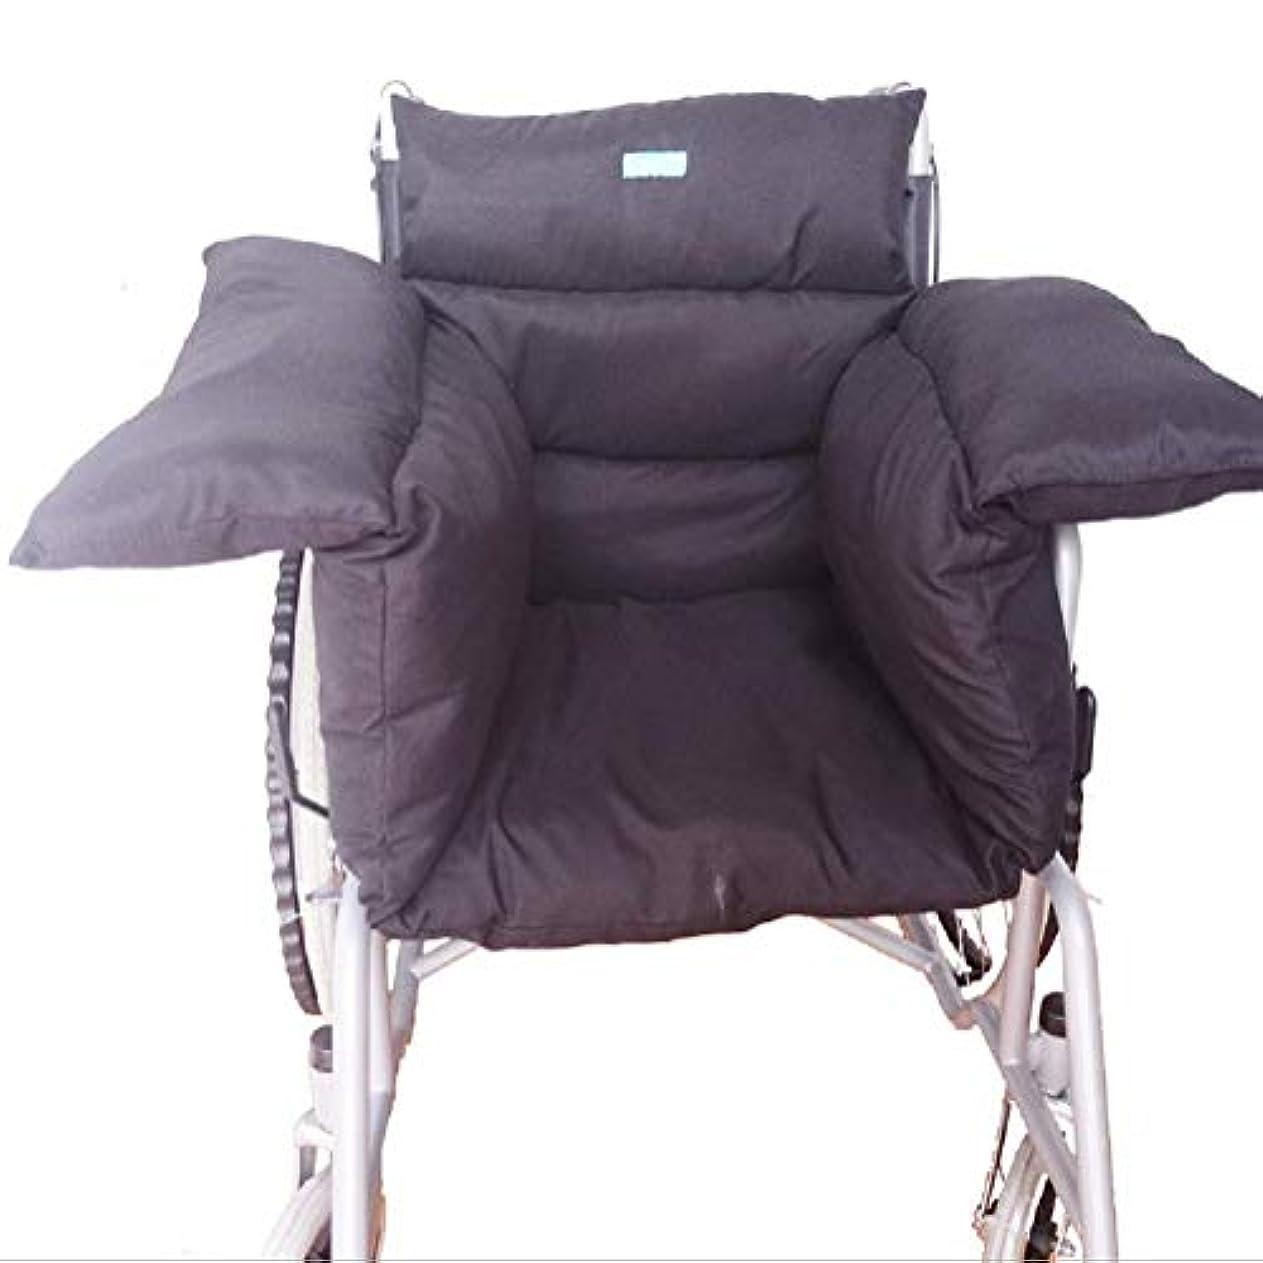 エンジニアリングサンプルスプレー車椅子用シートクッション、麻痺高齢者の長時間座っに最適、寛大なサイズ、保温性、洗える合計車椅子枕